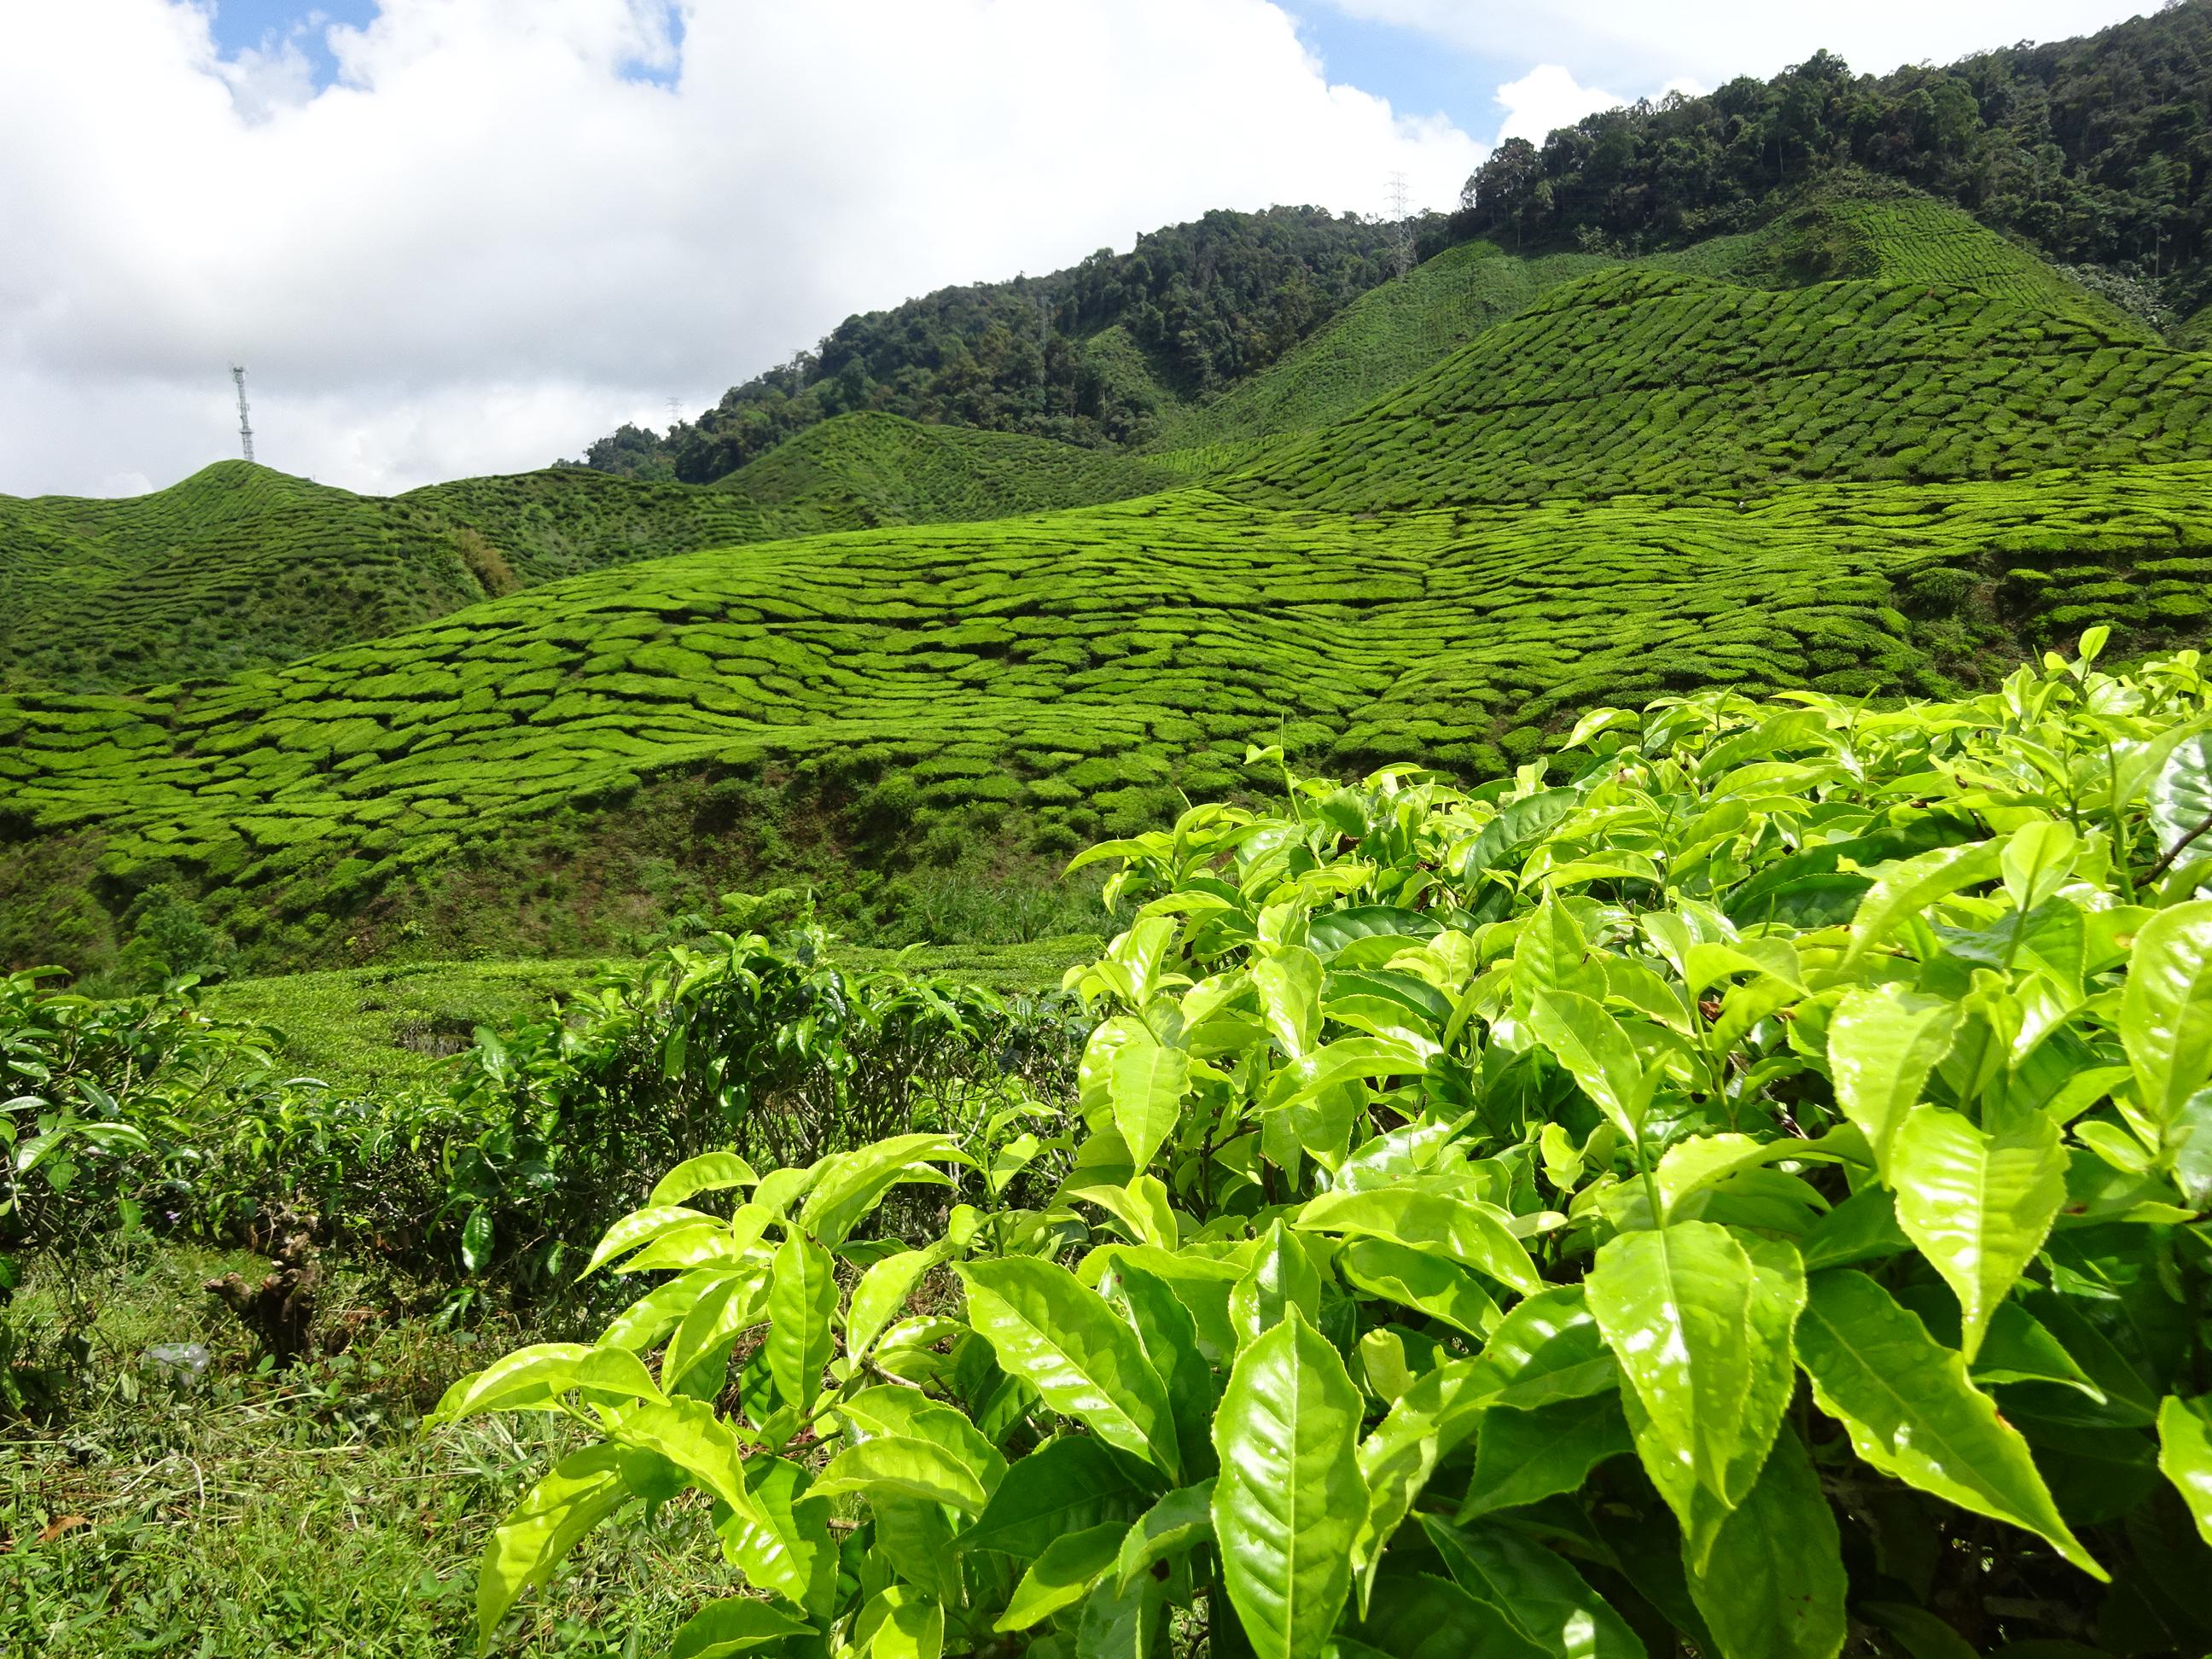 マレーシア・キャメロンハイランドの茶畑の美しい風景